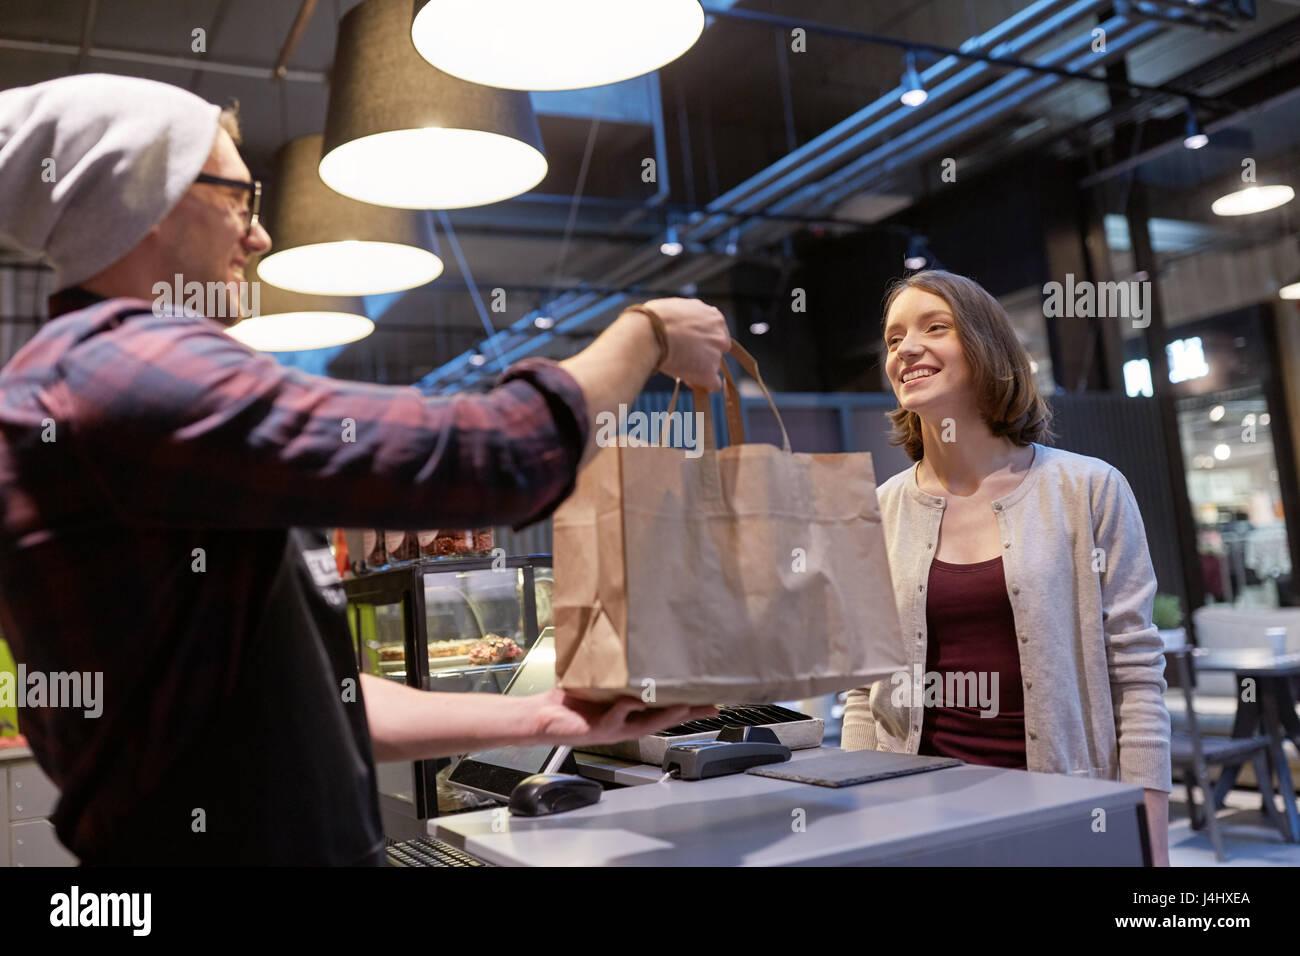 Verkäufer geben Papiertüte an Kunden im Vegan café Stockbild